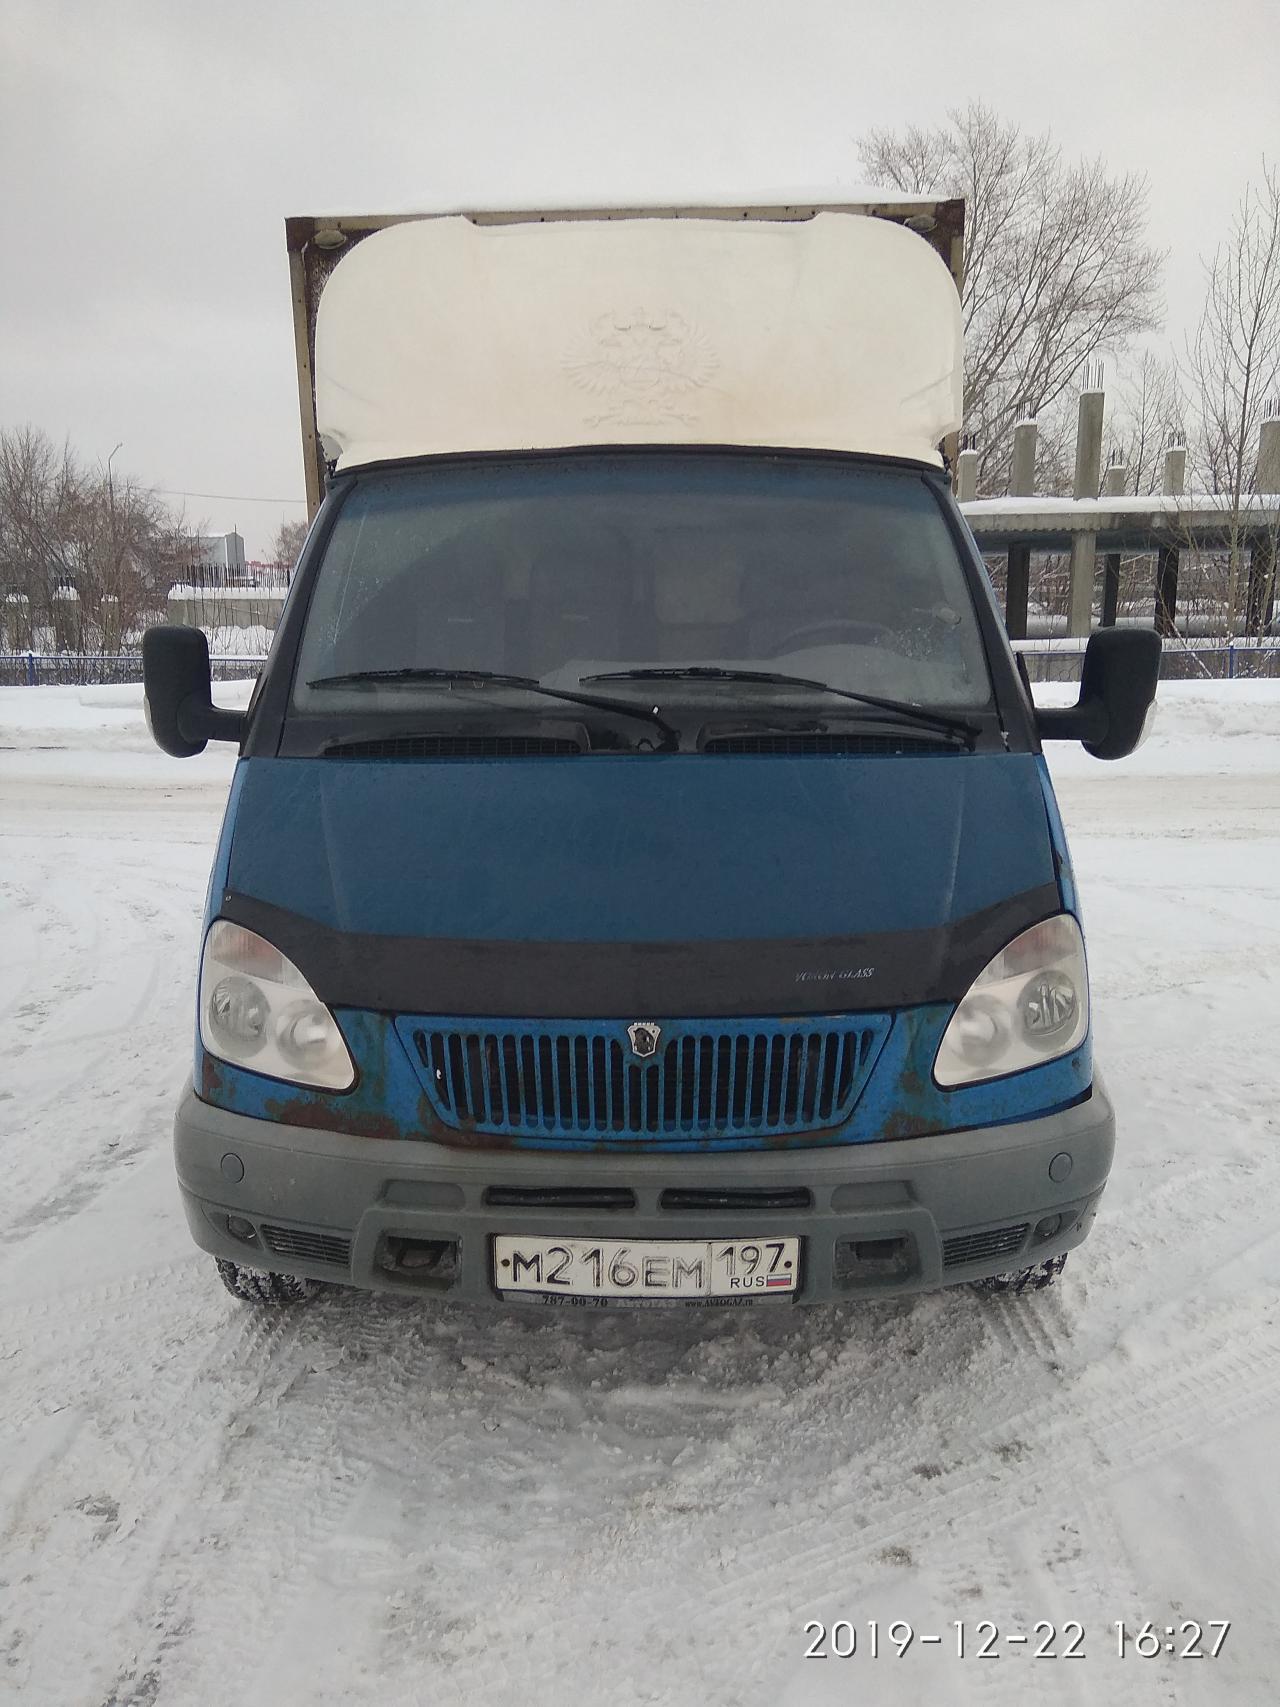 ГАЗ 3302 Газель 2010 г.в. г.Новосибирск - фото 2